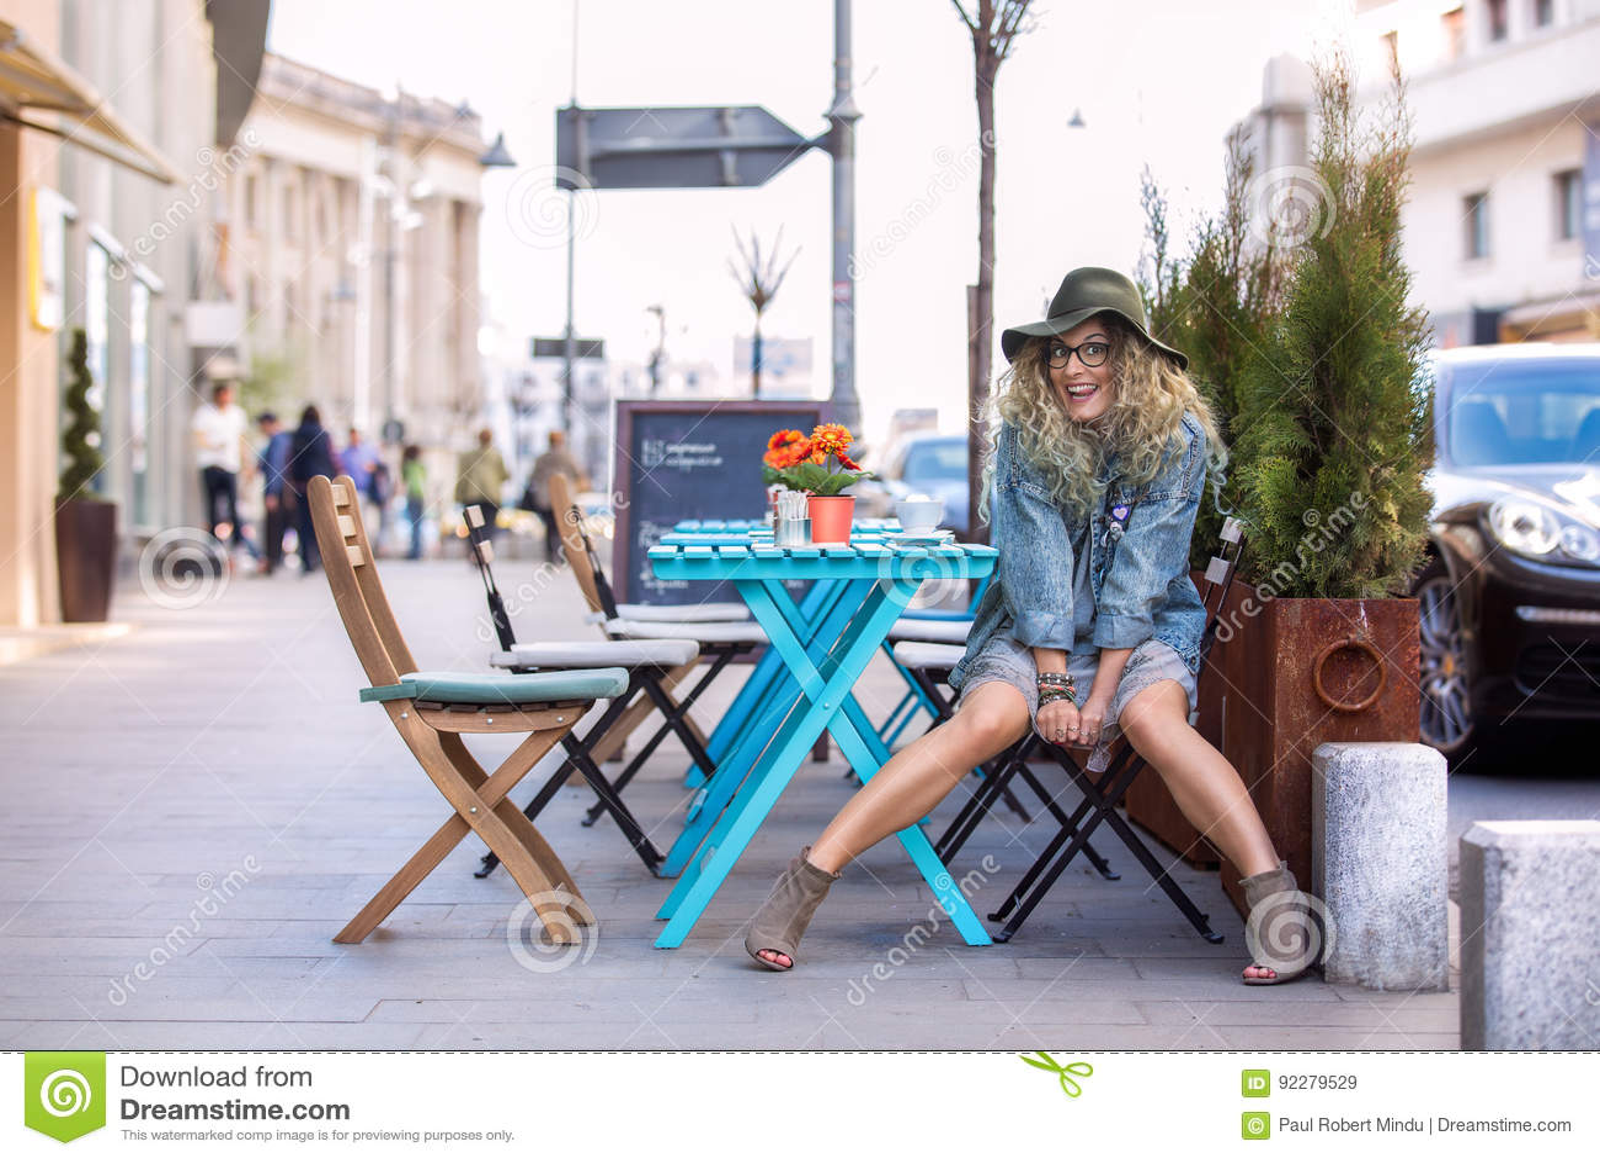 Fille folle à la table buvant une tasse de café dans la ville